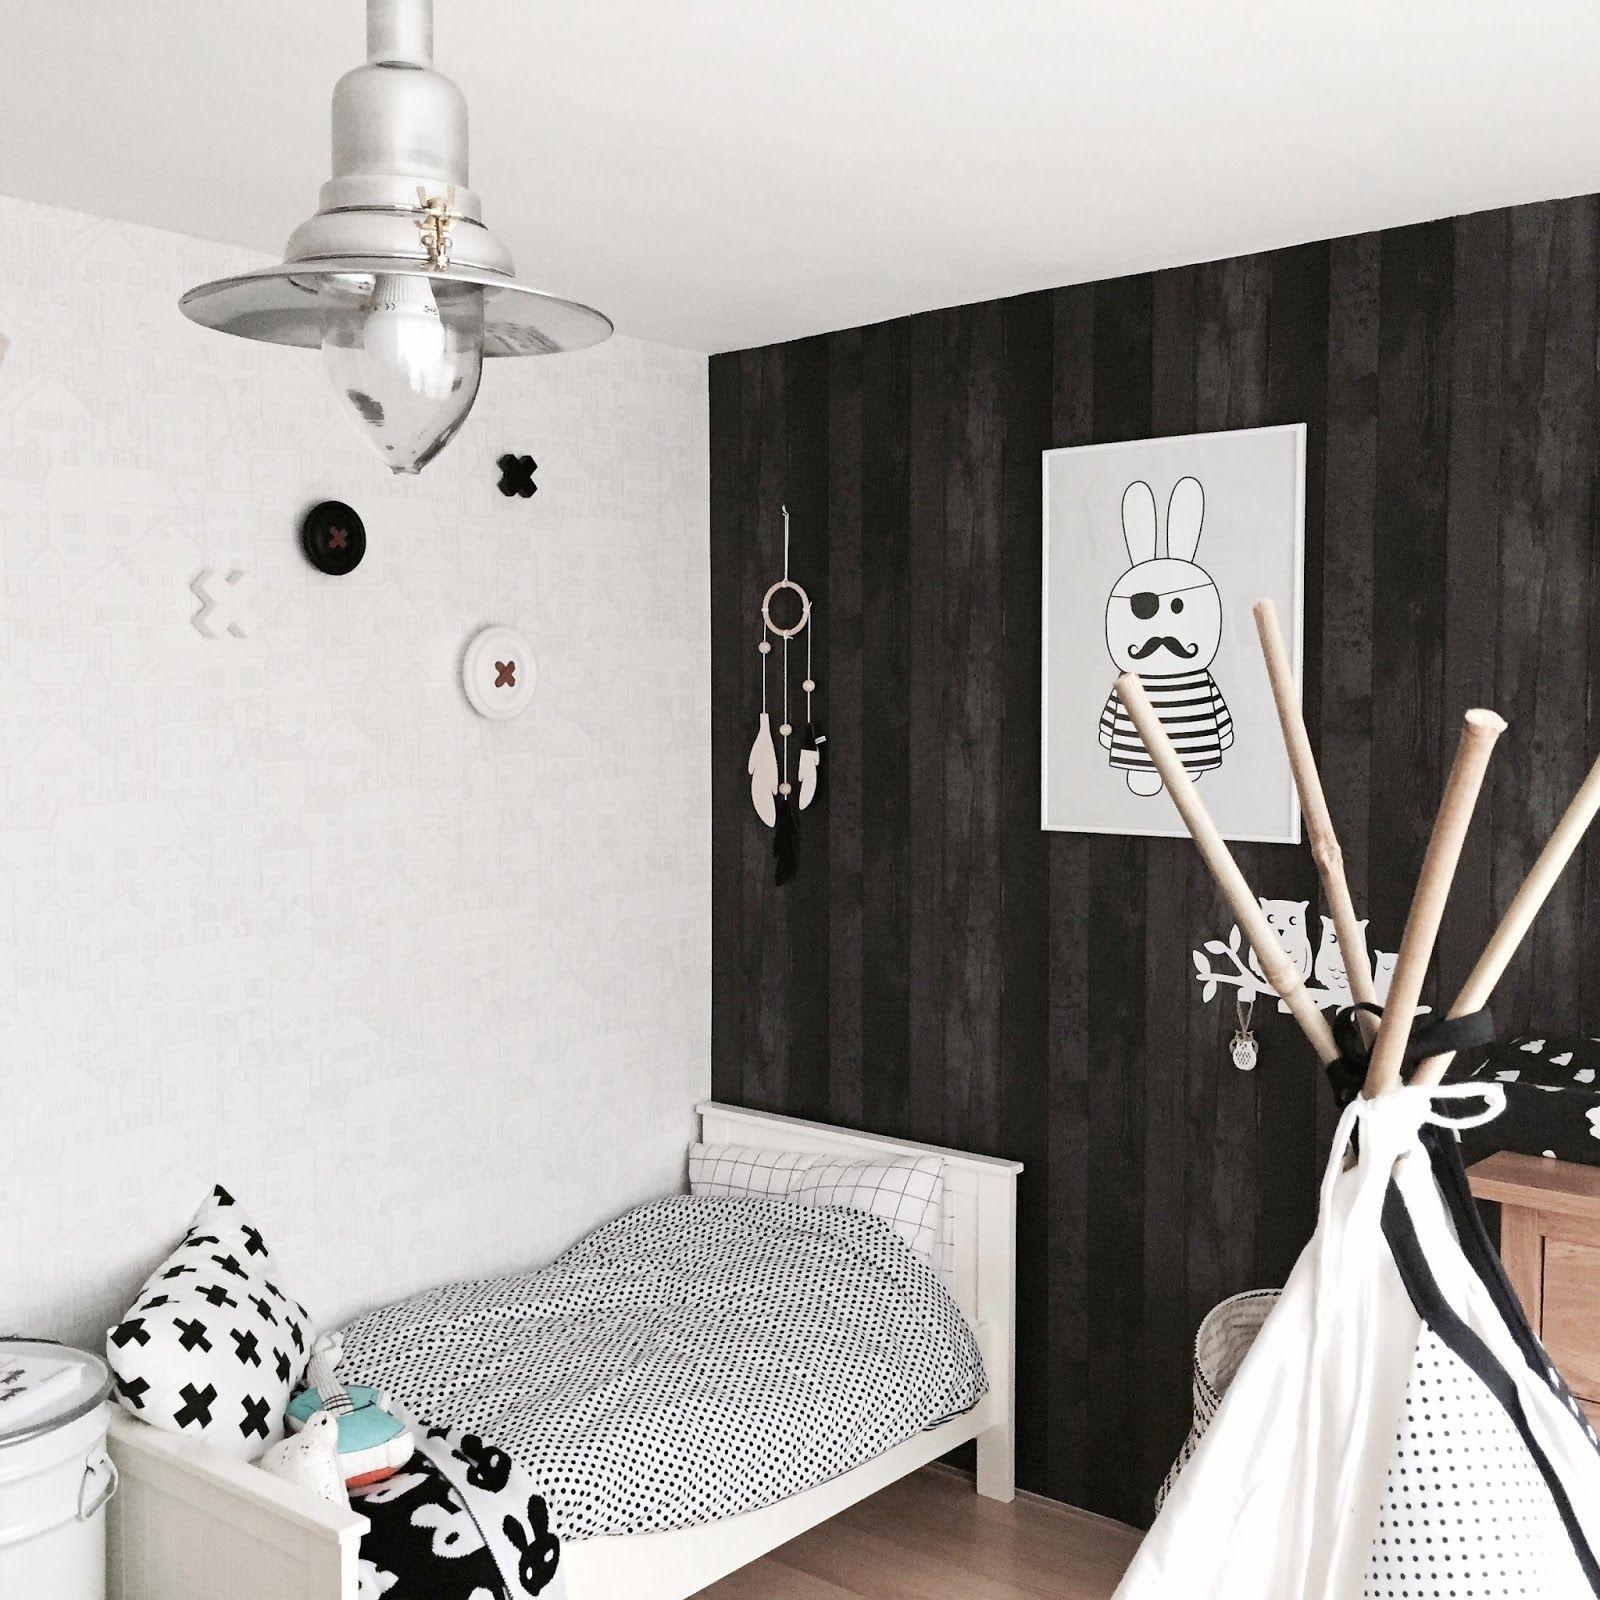 Monochrome Kidsroom Black White Toddler Ikea HK Living VT